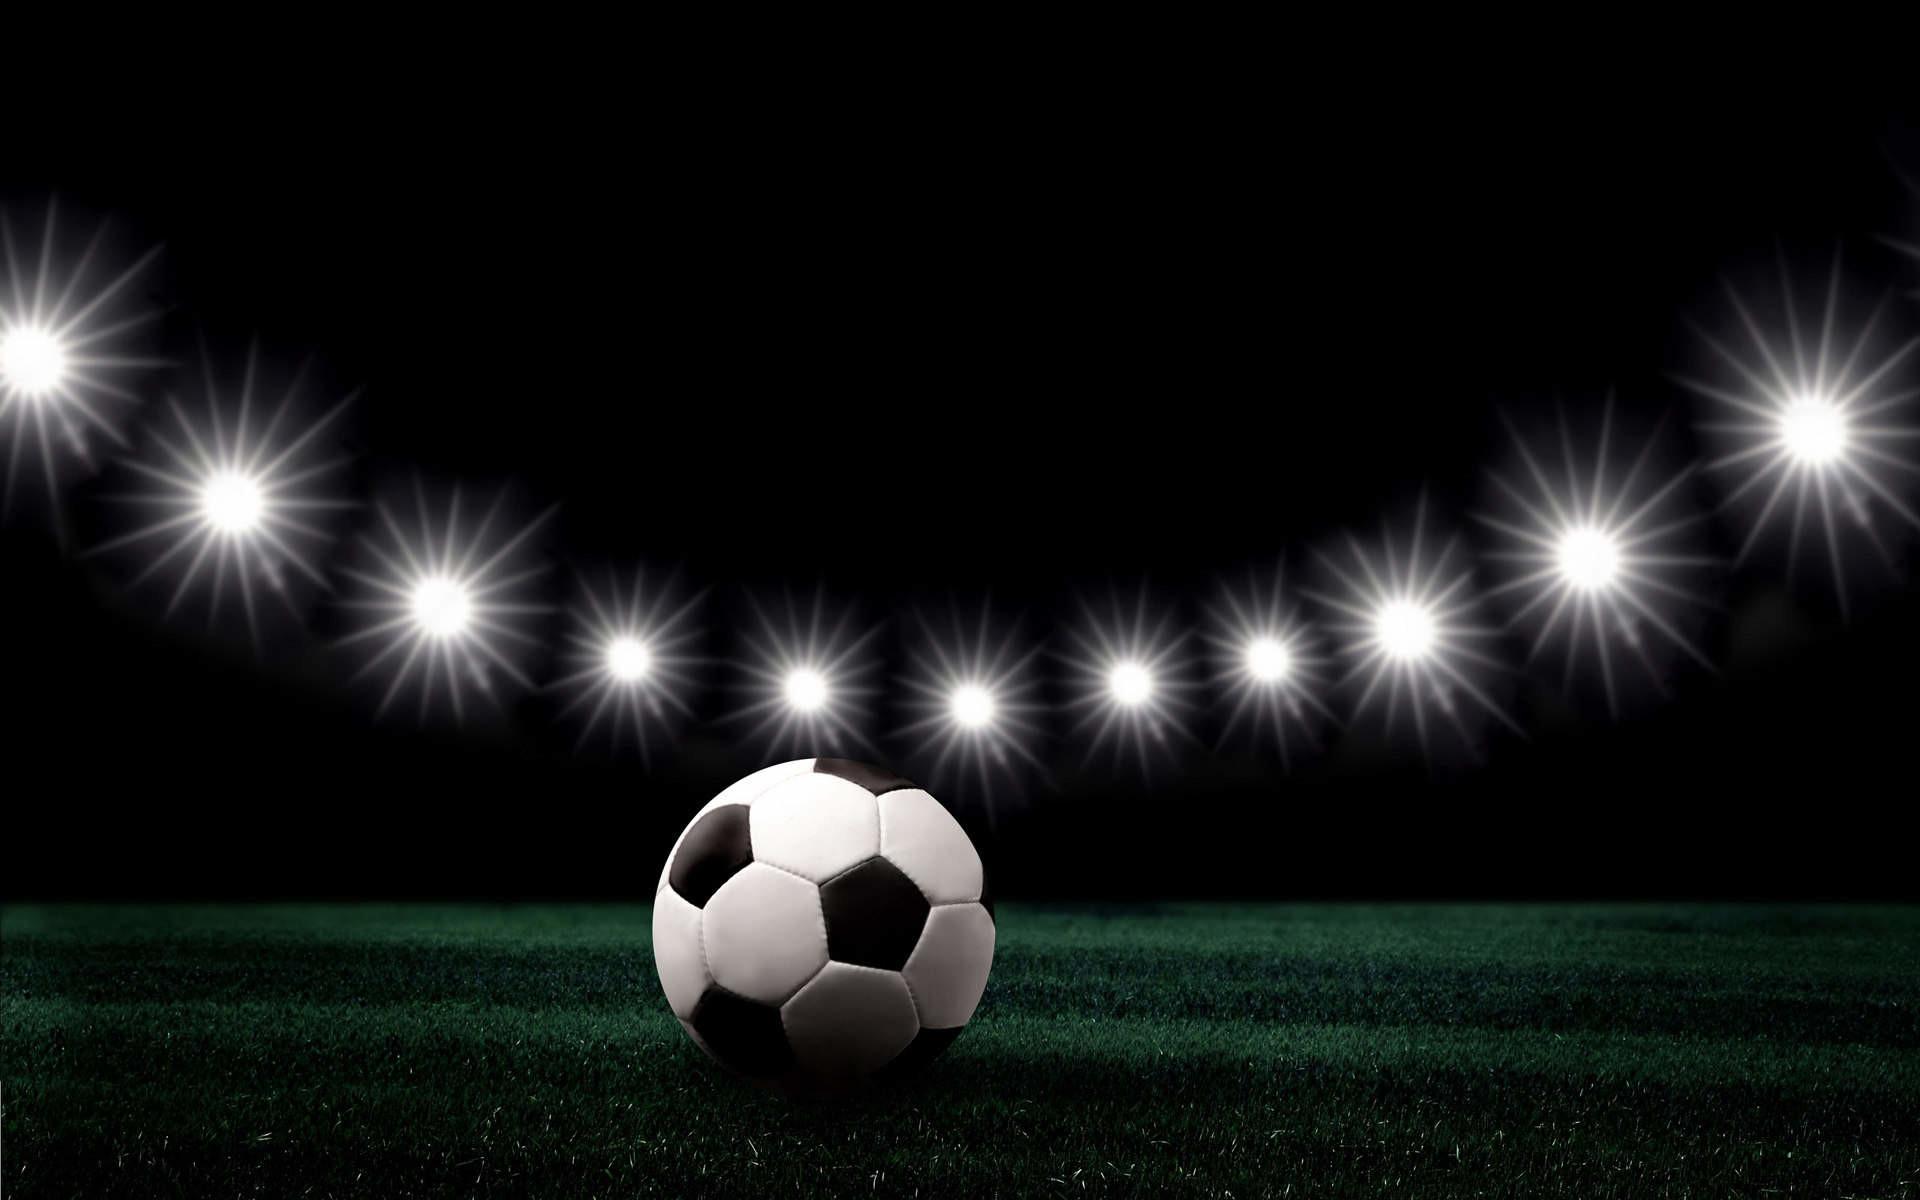 Soccer football wallpaper hd 911 wallpaper grapharoo com